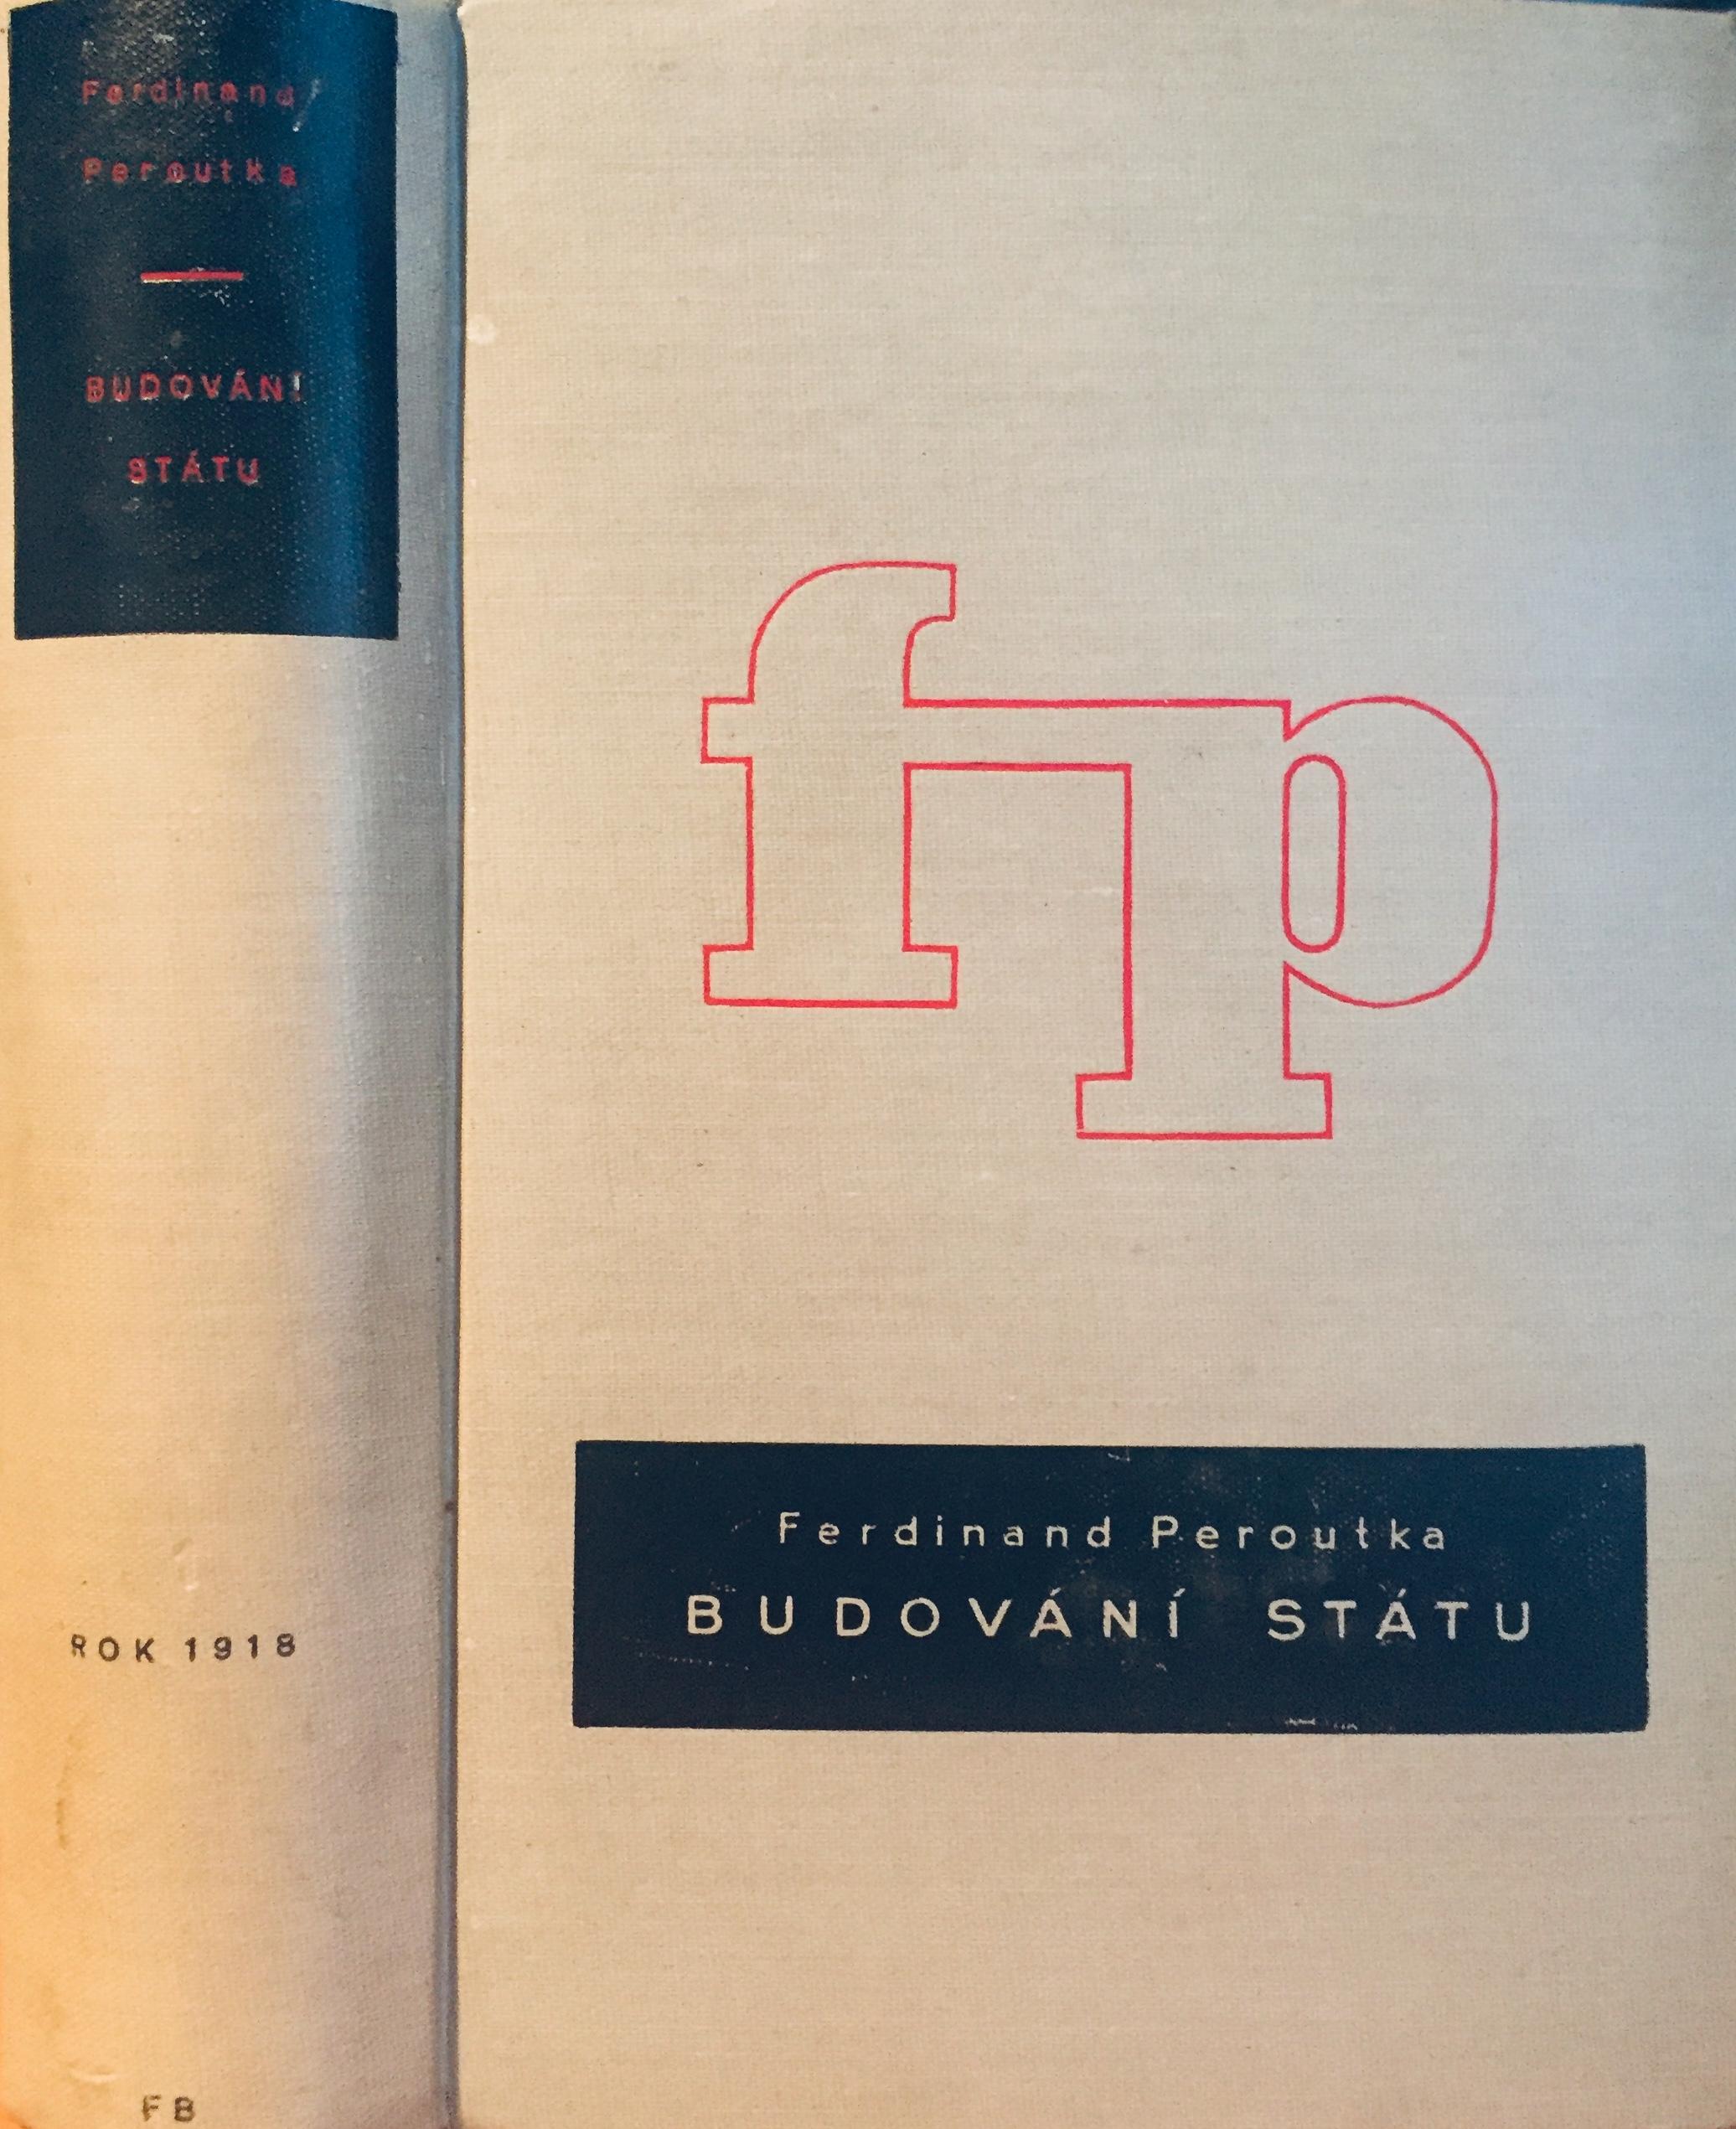 Budování státu - Ferdinand Peroutka /bazarové zboží/